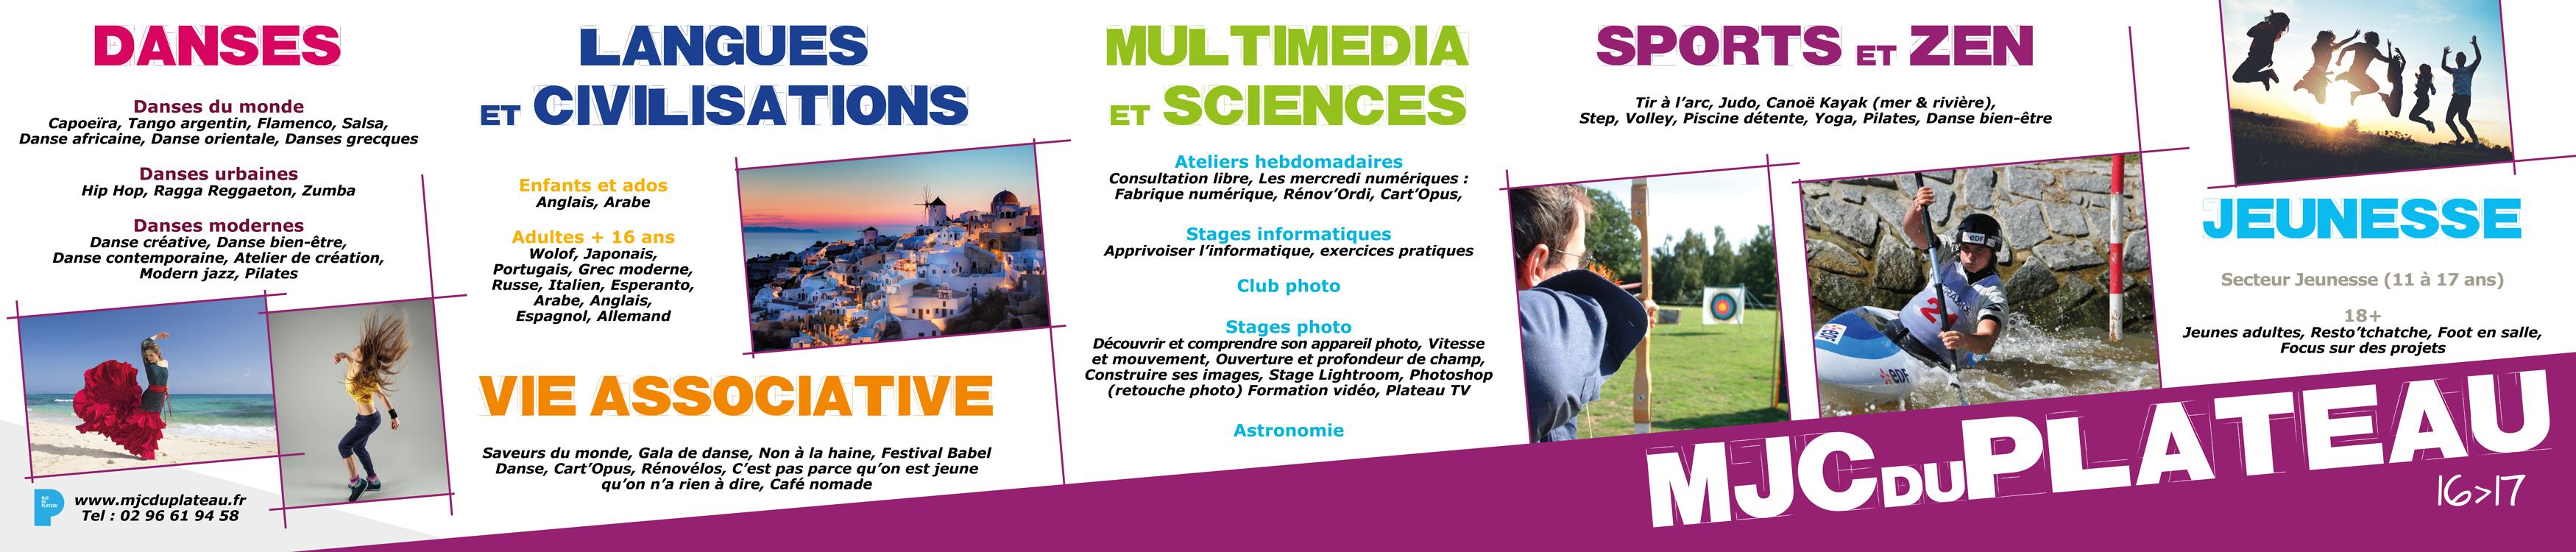 mjc-du-plateau-16-17-bache-7000x1500-oeillet-v7-ecran